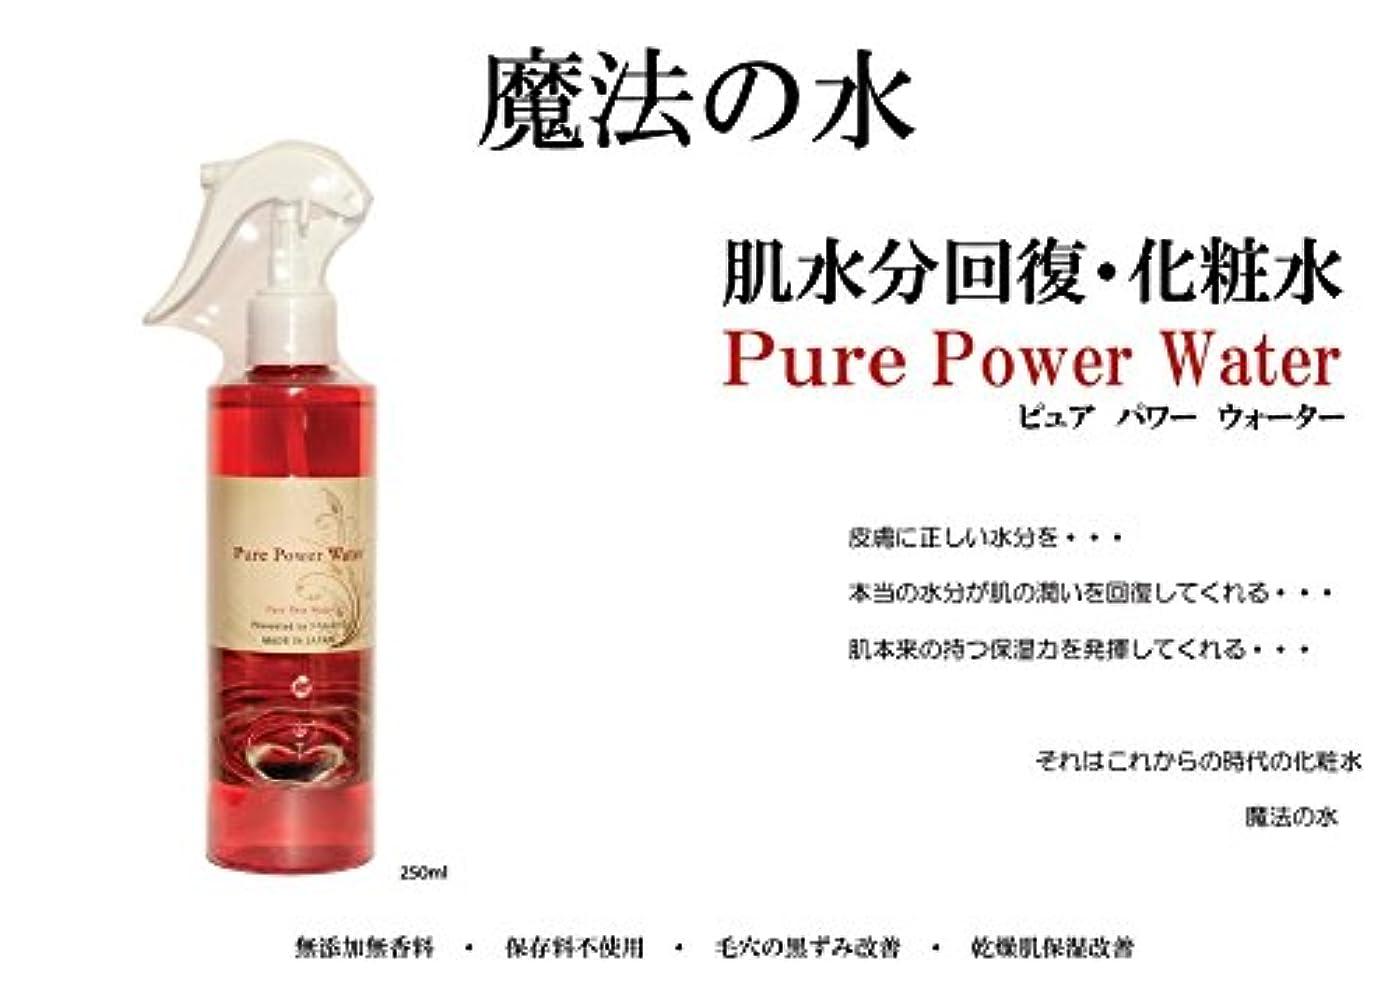 単位主副基礎化粧水 Pure Power Water 化粧水 マイナスイオン ブースター 魔法の化粧水